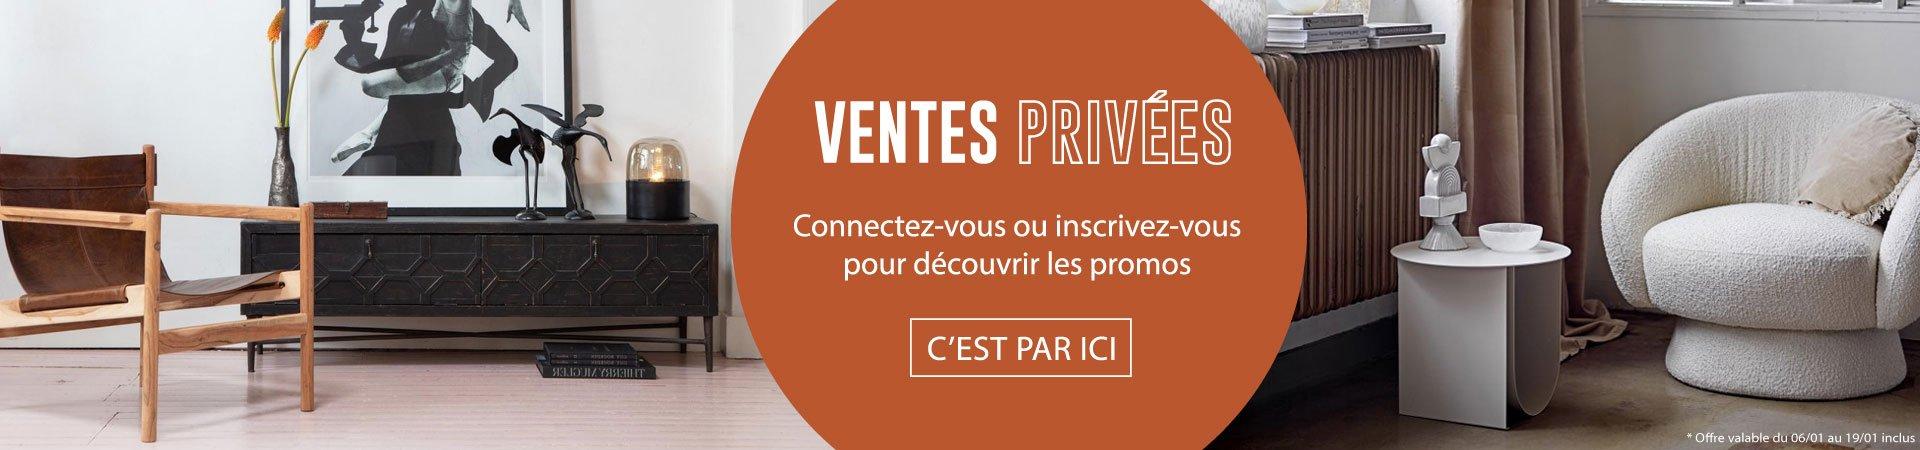 Ventes privées Meubles et Design : jusqu'à -40% sur une sélection de produits